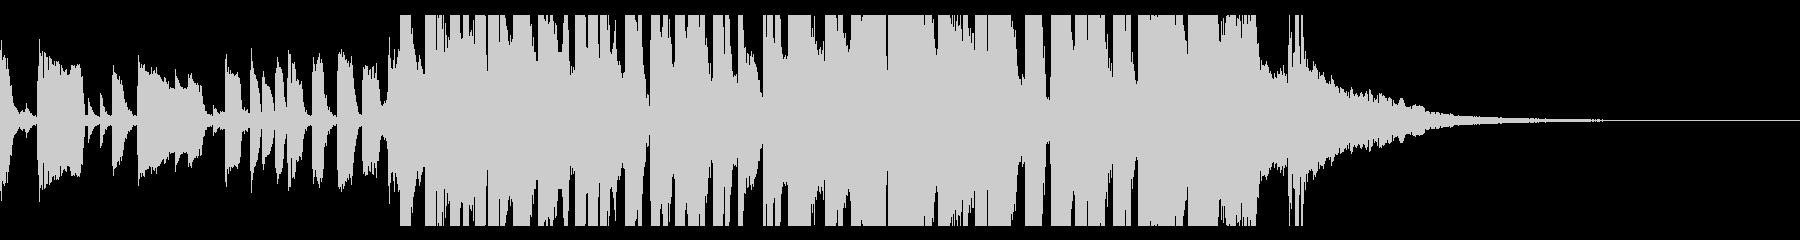 ポップロック ファンク ポジティブ...の未再生の波形